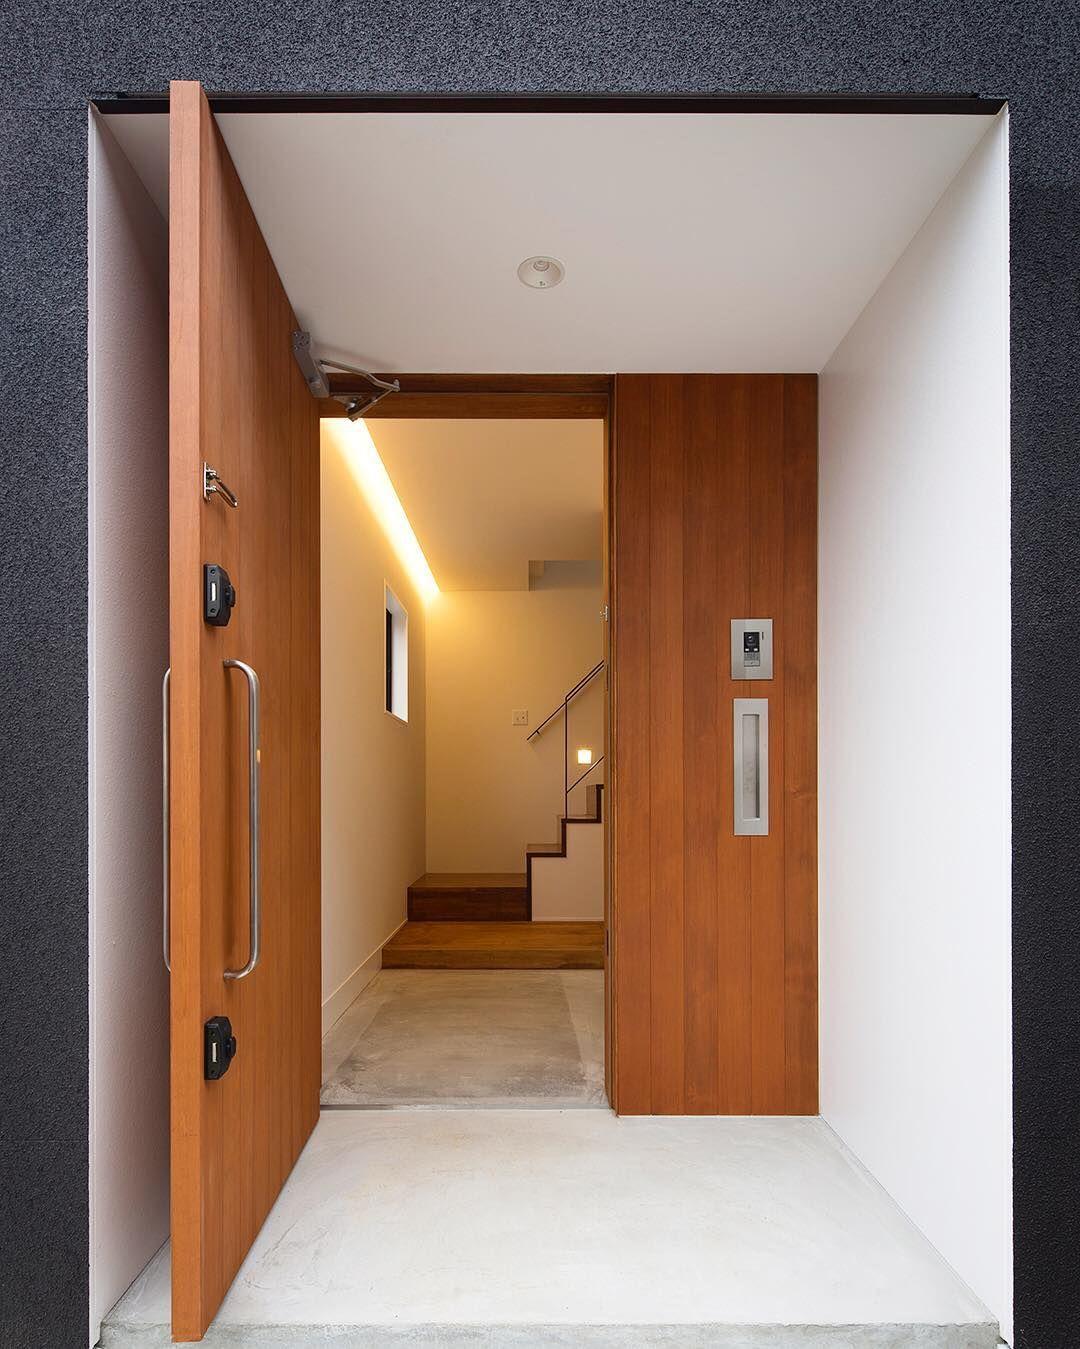 【和風モダンハウス】 壁と一体化する木製玄関扉。 #ldhomes #ラブデザインホームズ #architecture #建築 #interior #インテリア #design #デザイン#house #住宅 #注文住宅 #residence #家 #新築 #マイホーム #玄関 #エントランス #和風モダンハウス